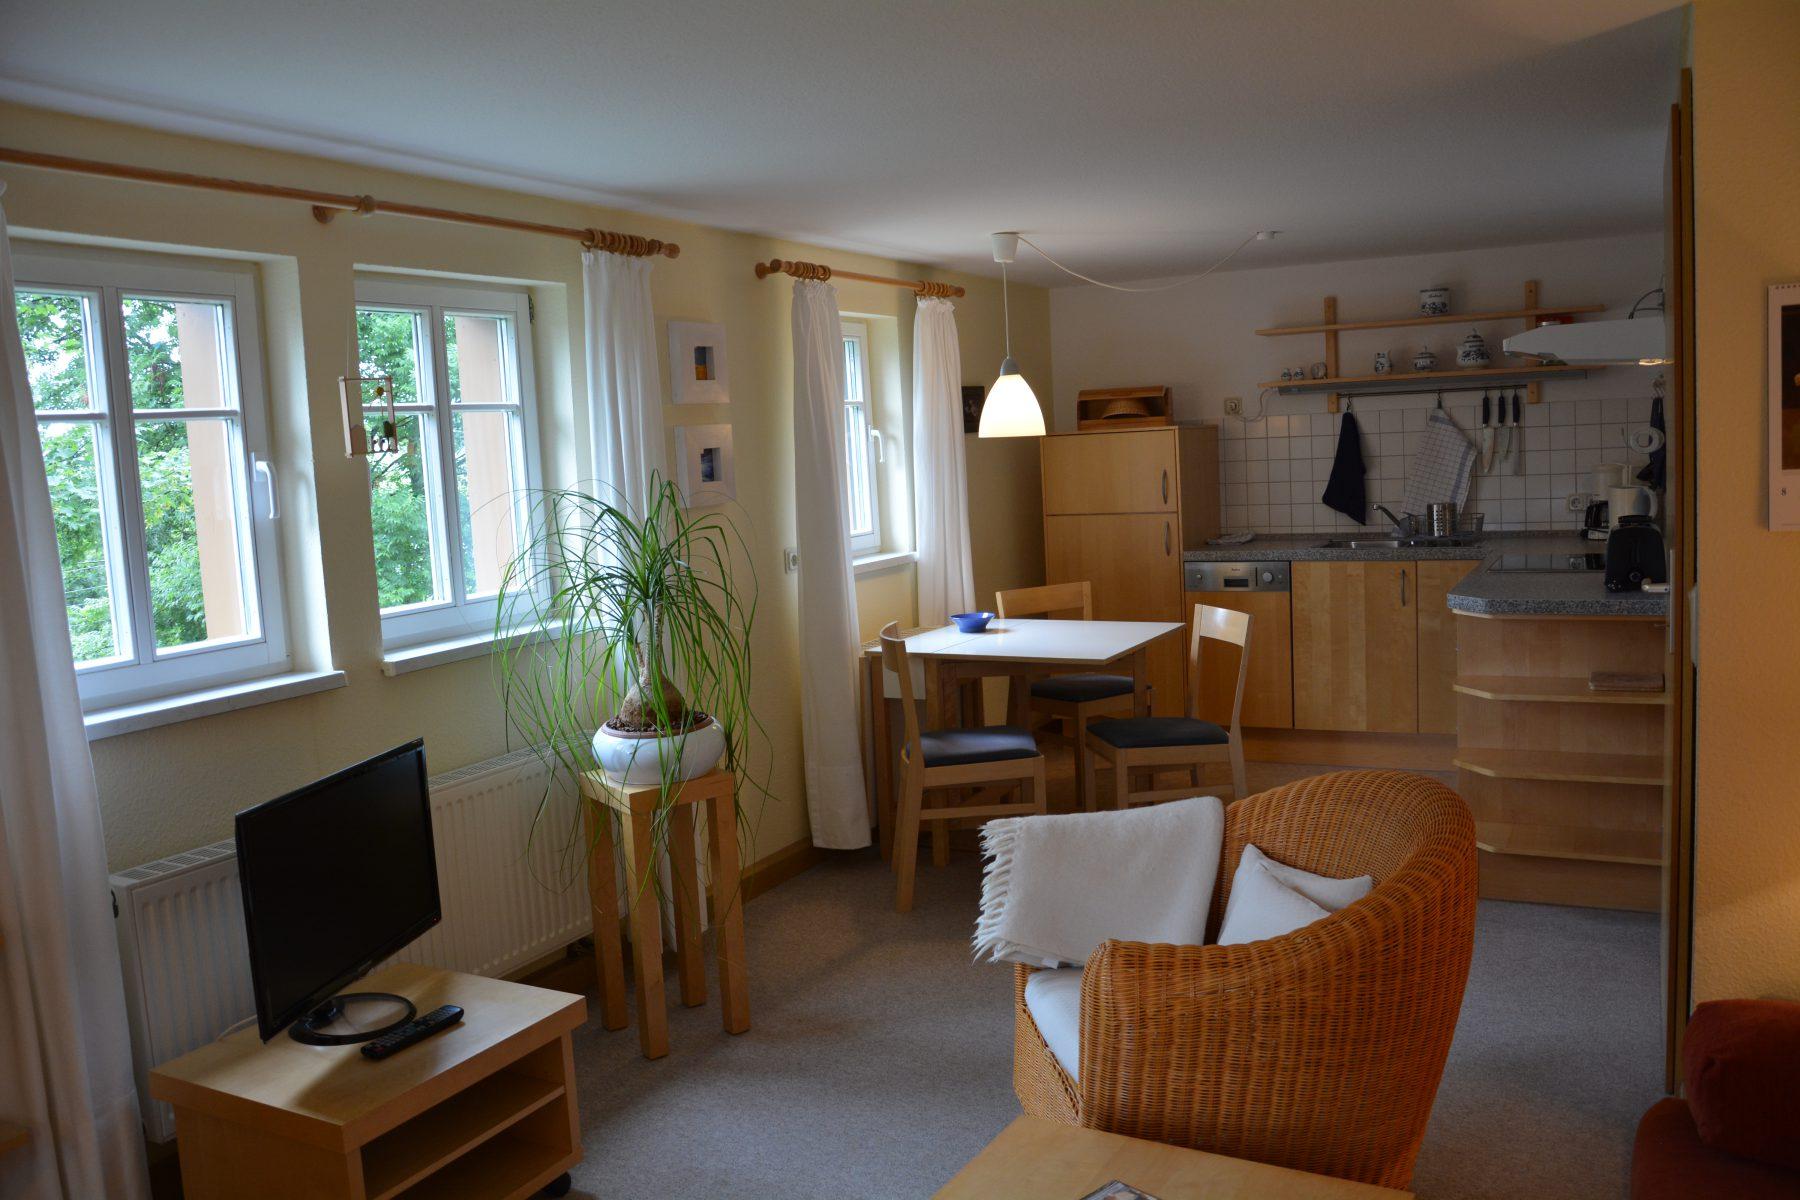 Ferienwohnung im Verlegerhaus Seiffen Kategorie N1c Küche